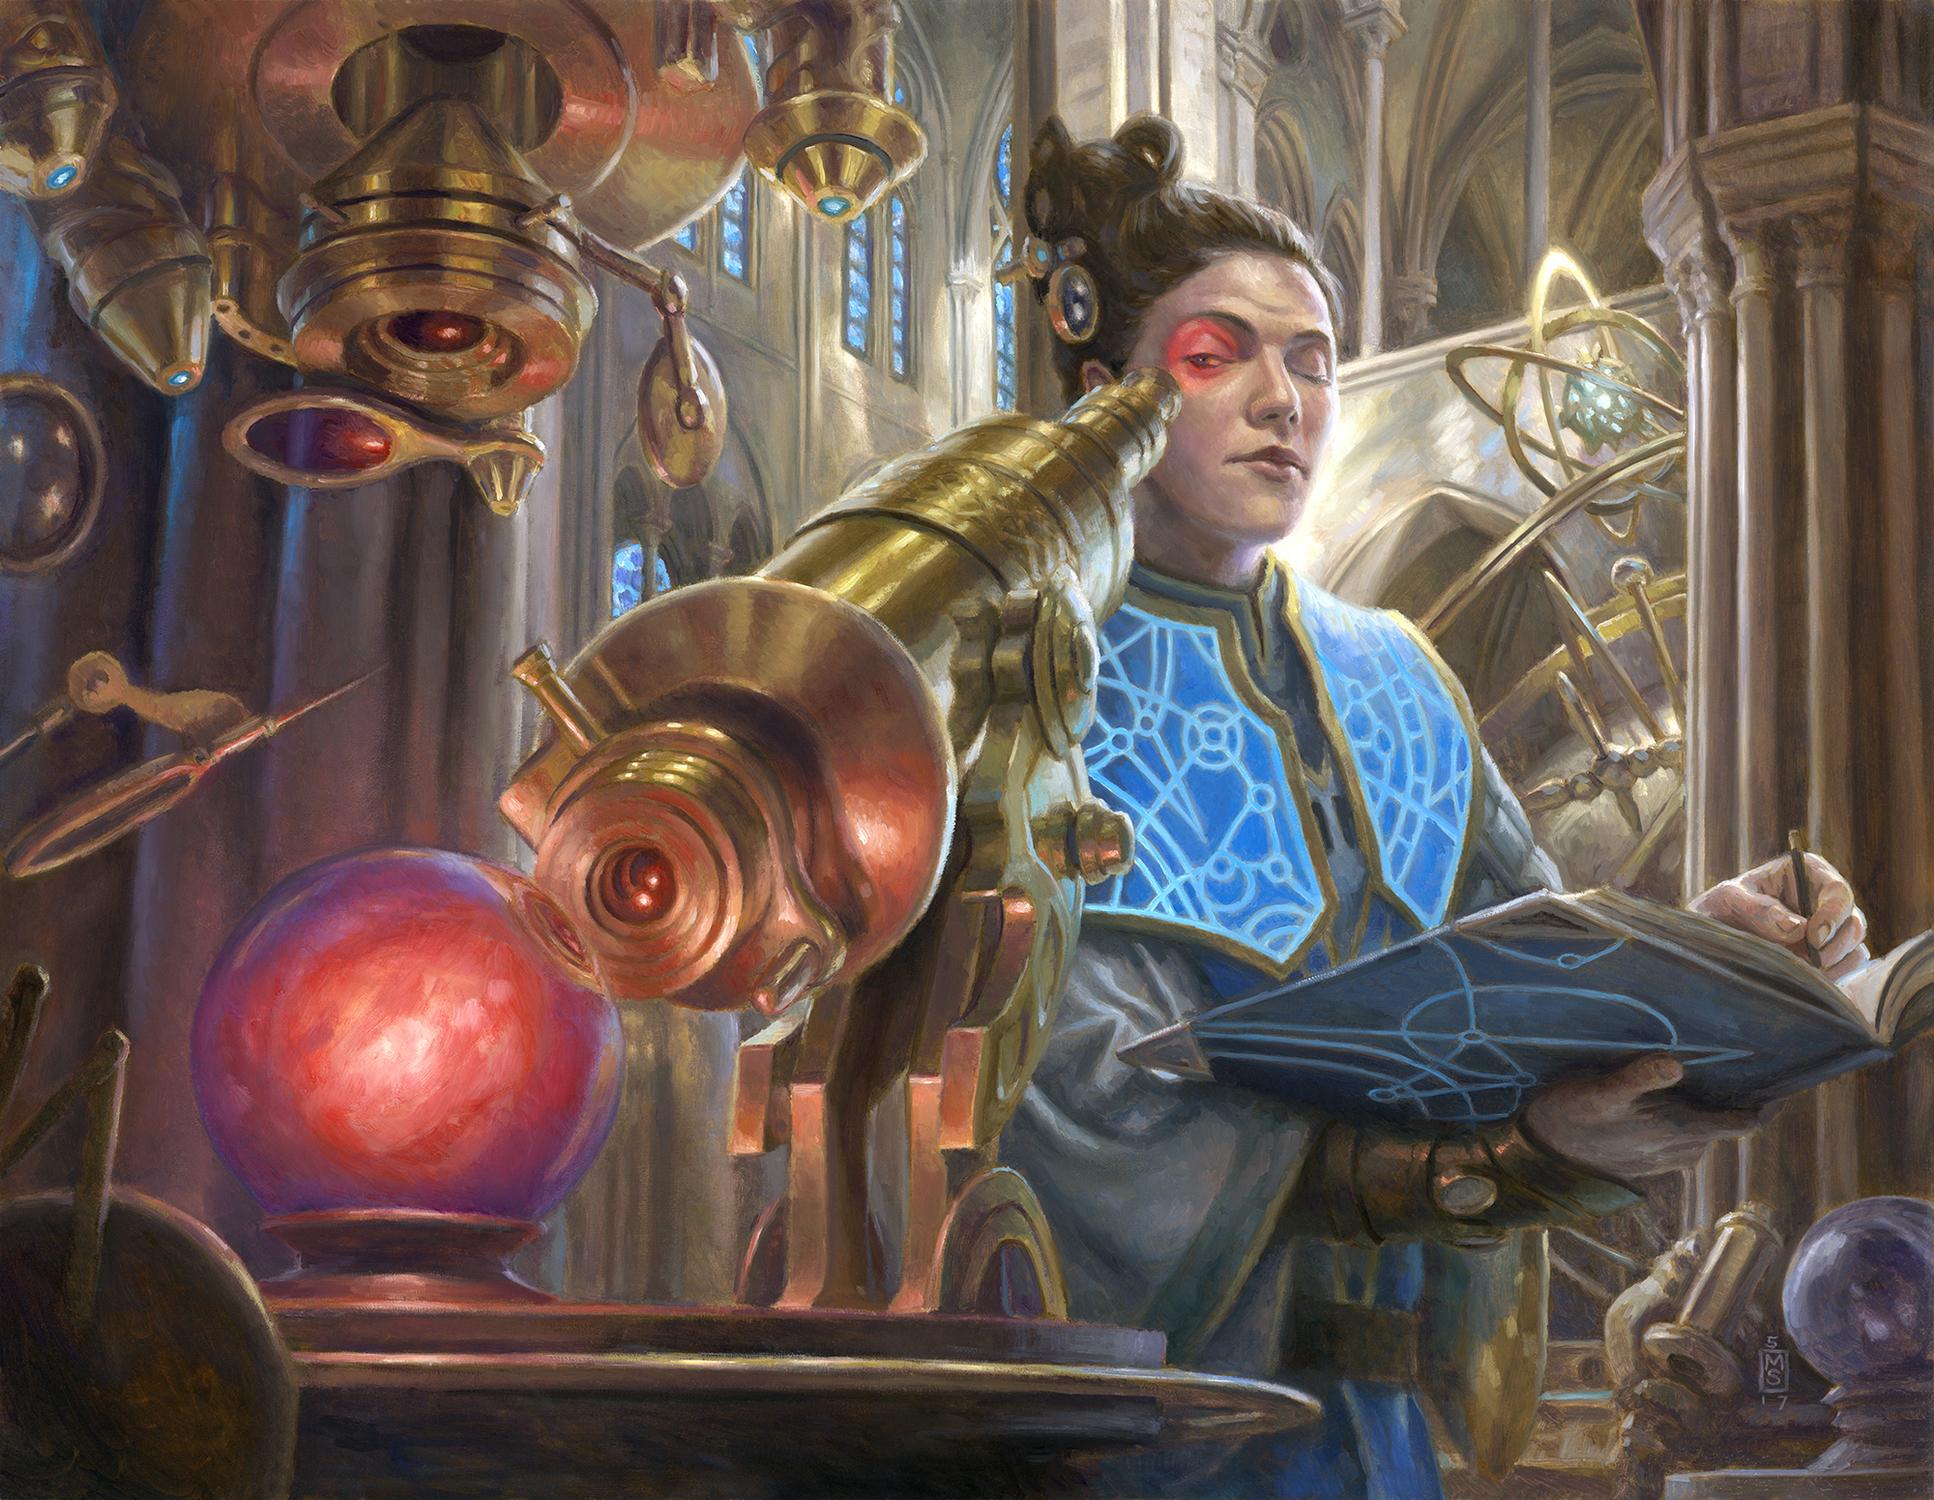 Divination Artwork by Matthew Stewart